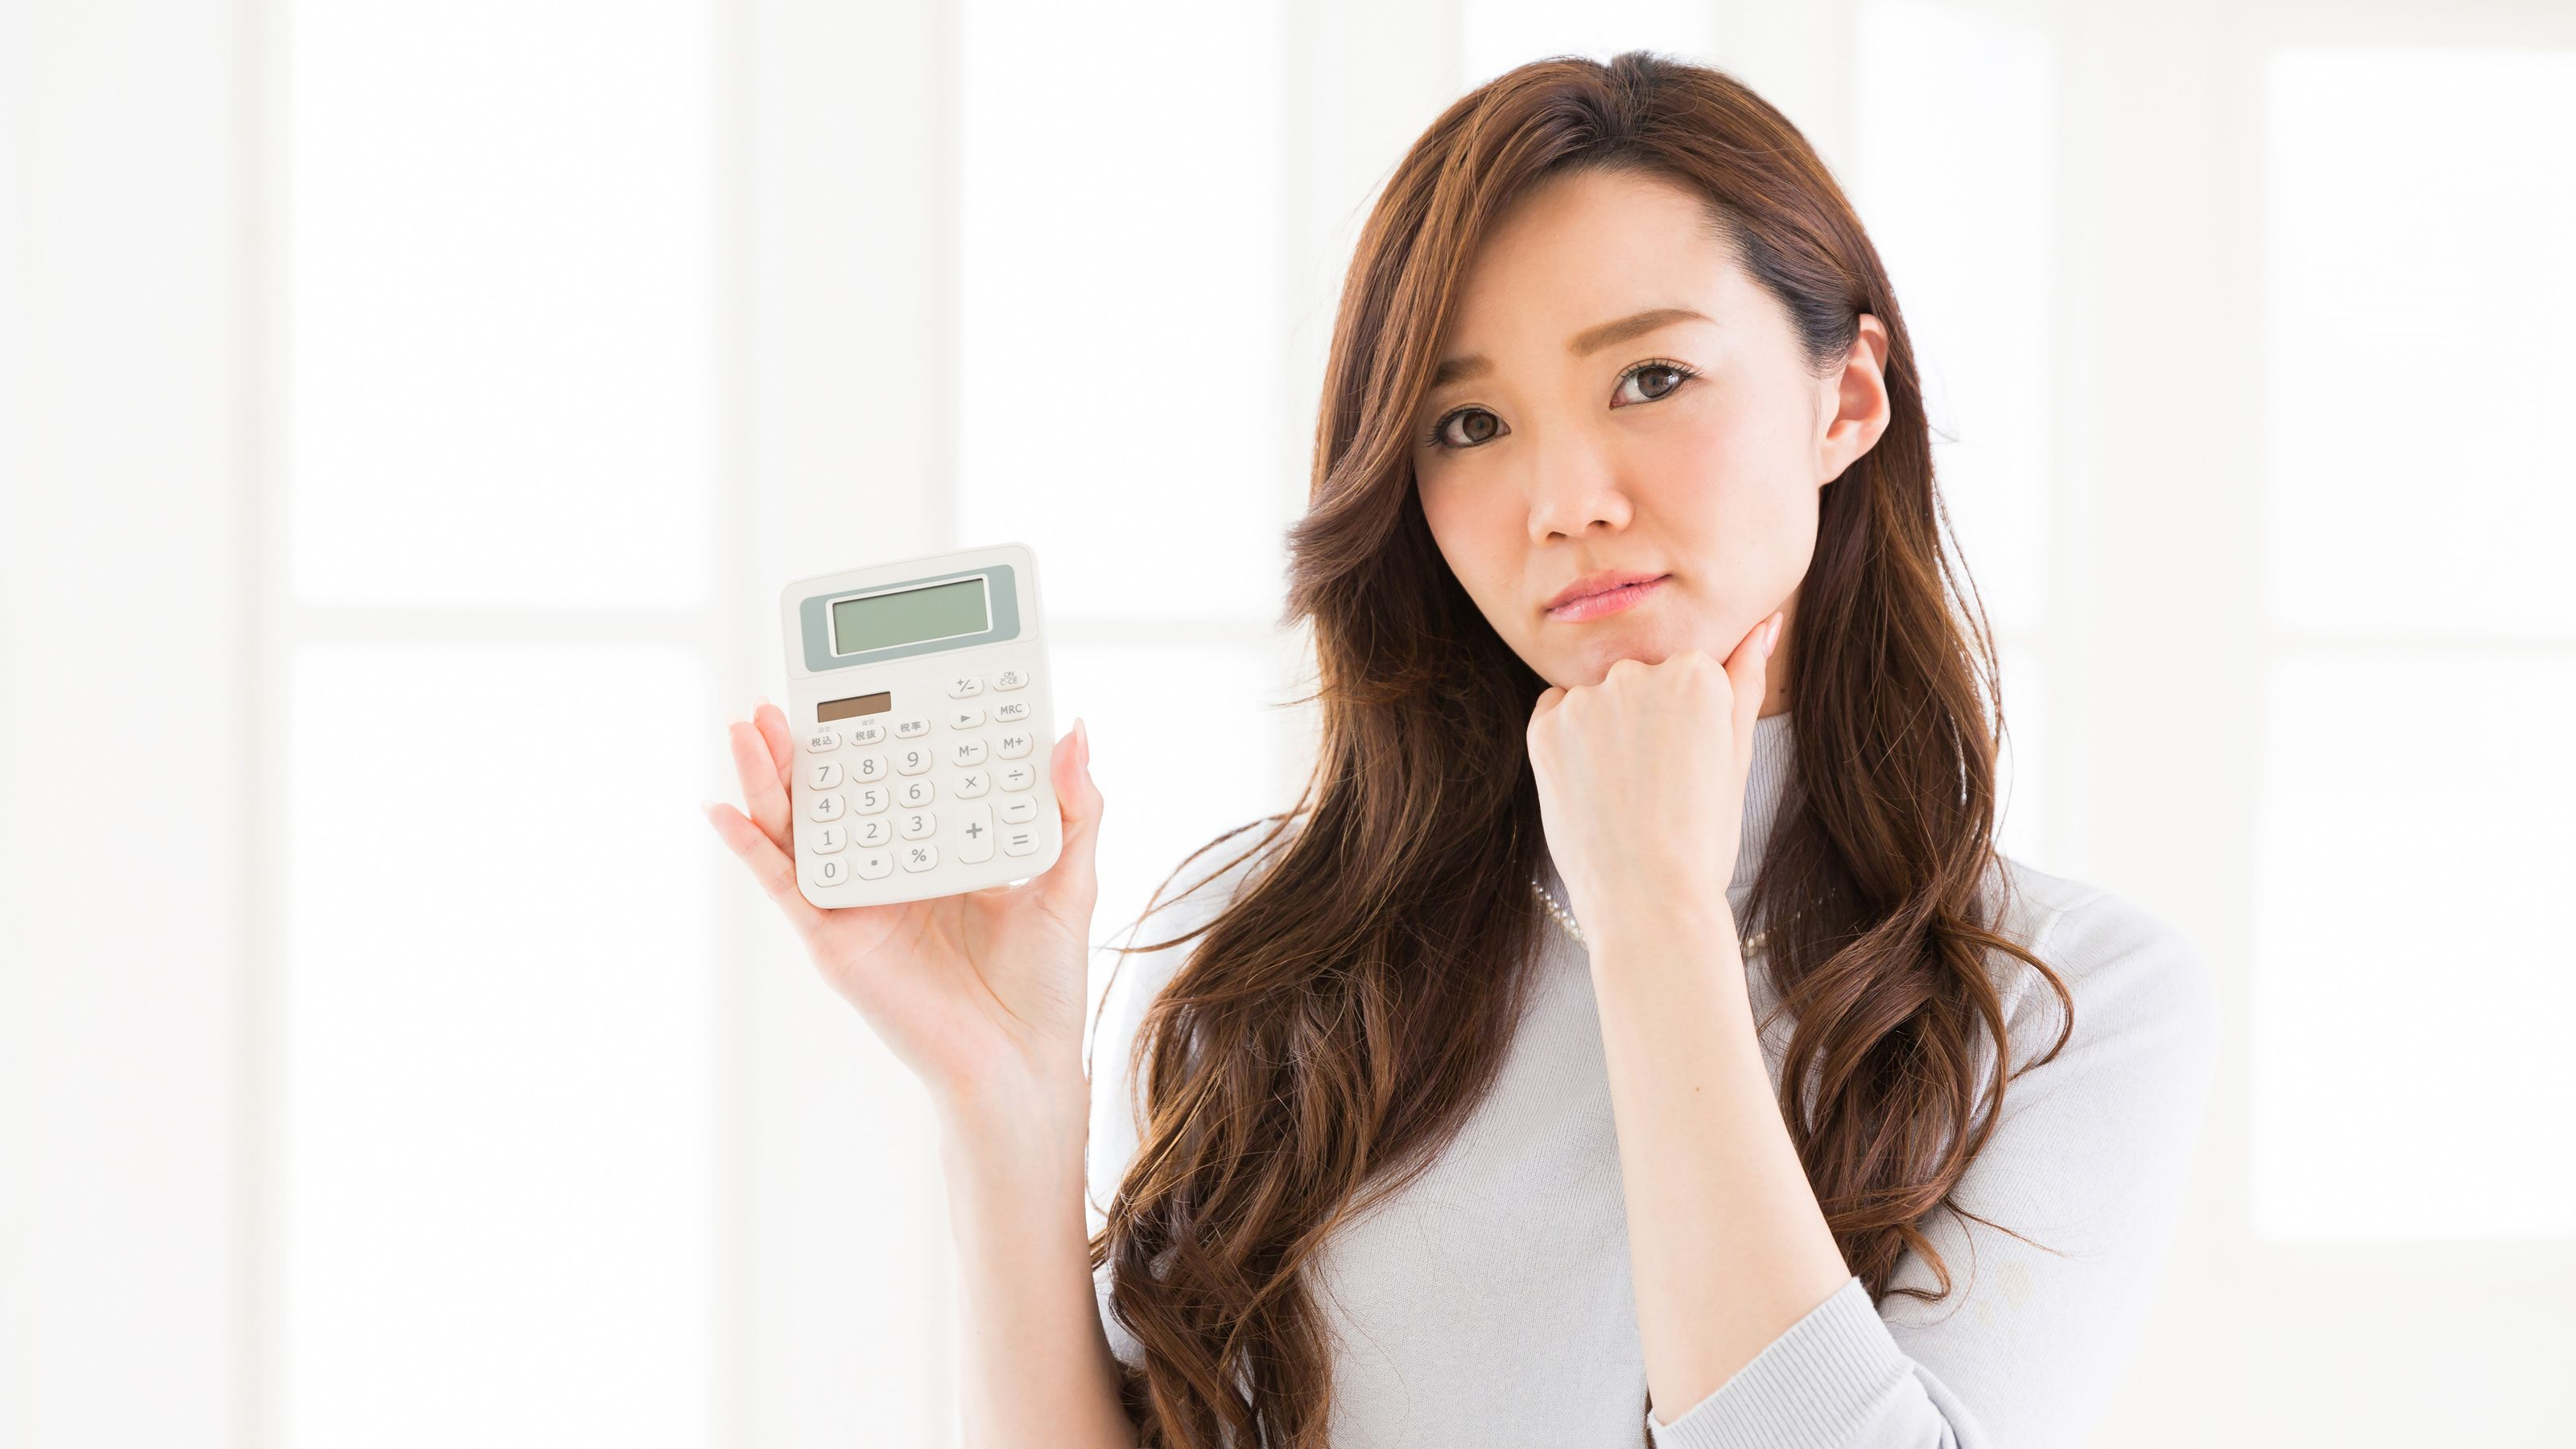 20年ぶりに厚生年金保険料が大幅アップ「稼ぐ人ほど損をする」は本当か | PRESIDENT WOMAN Online(プレジデント ウーマン オンライン)